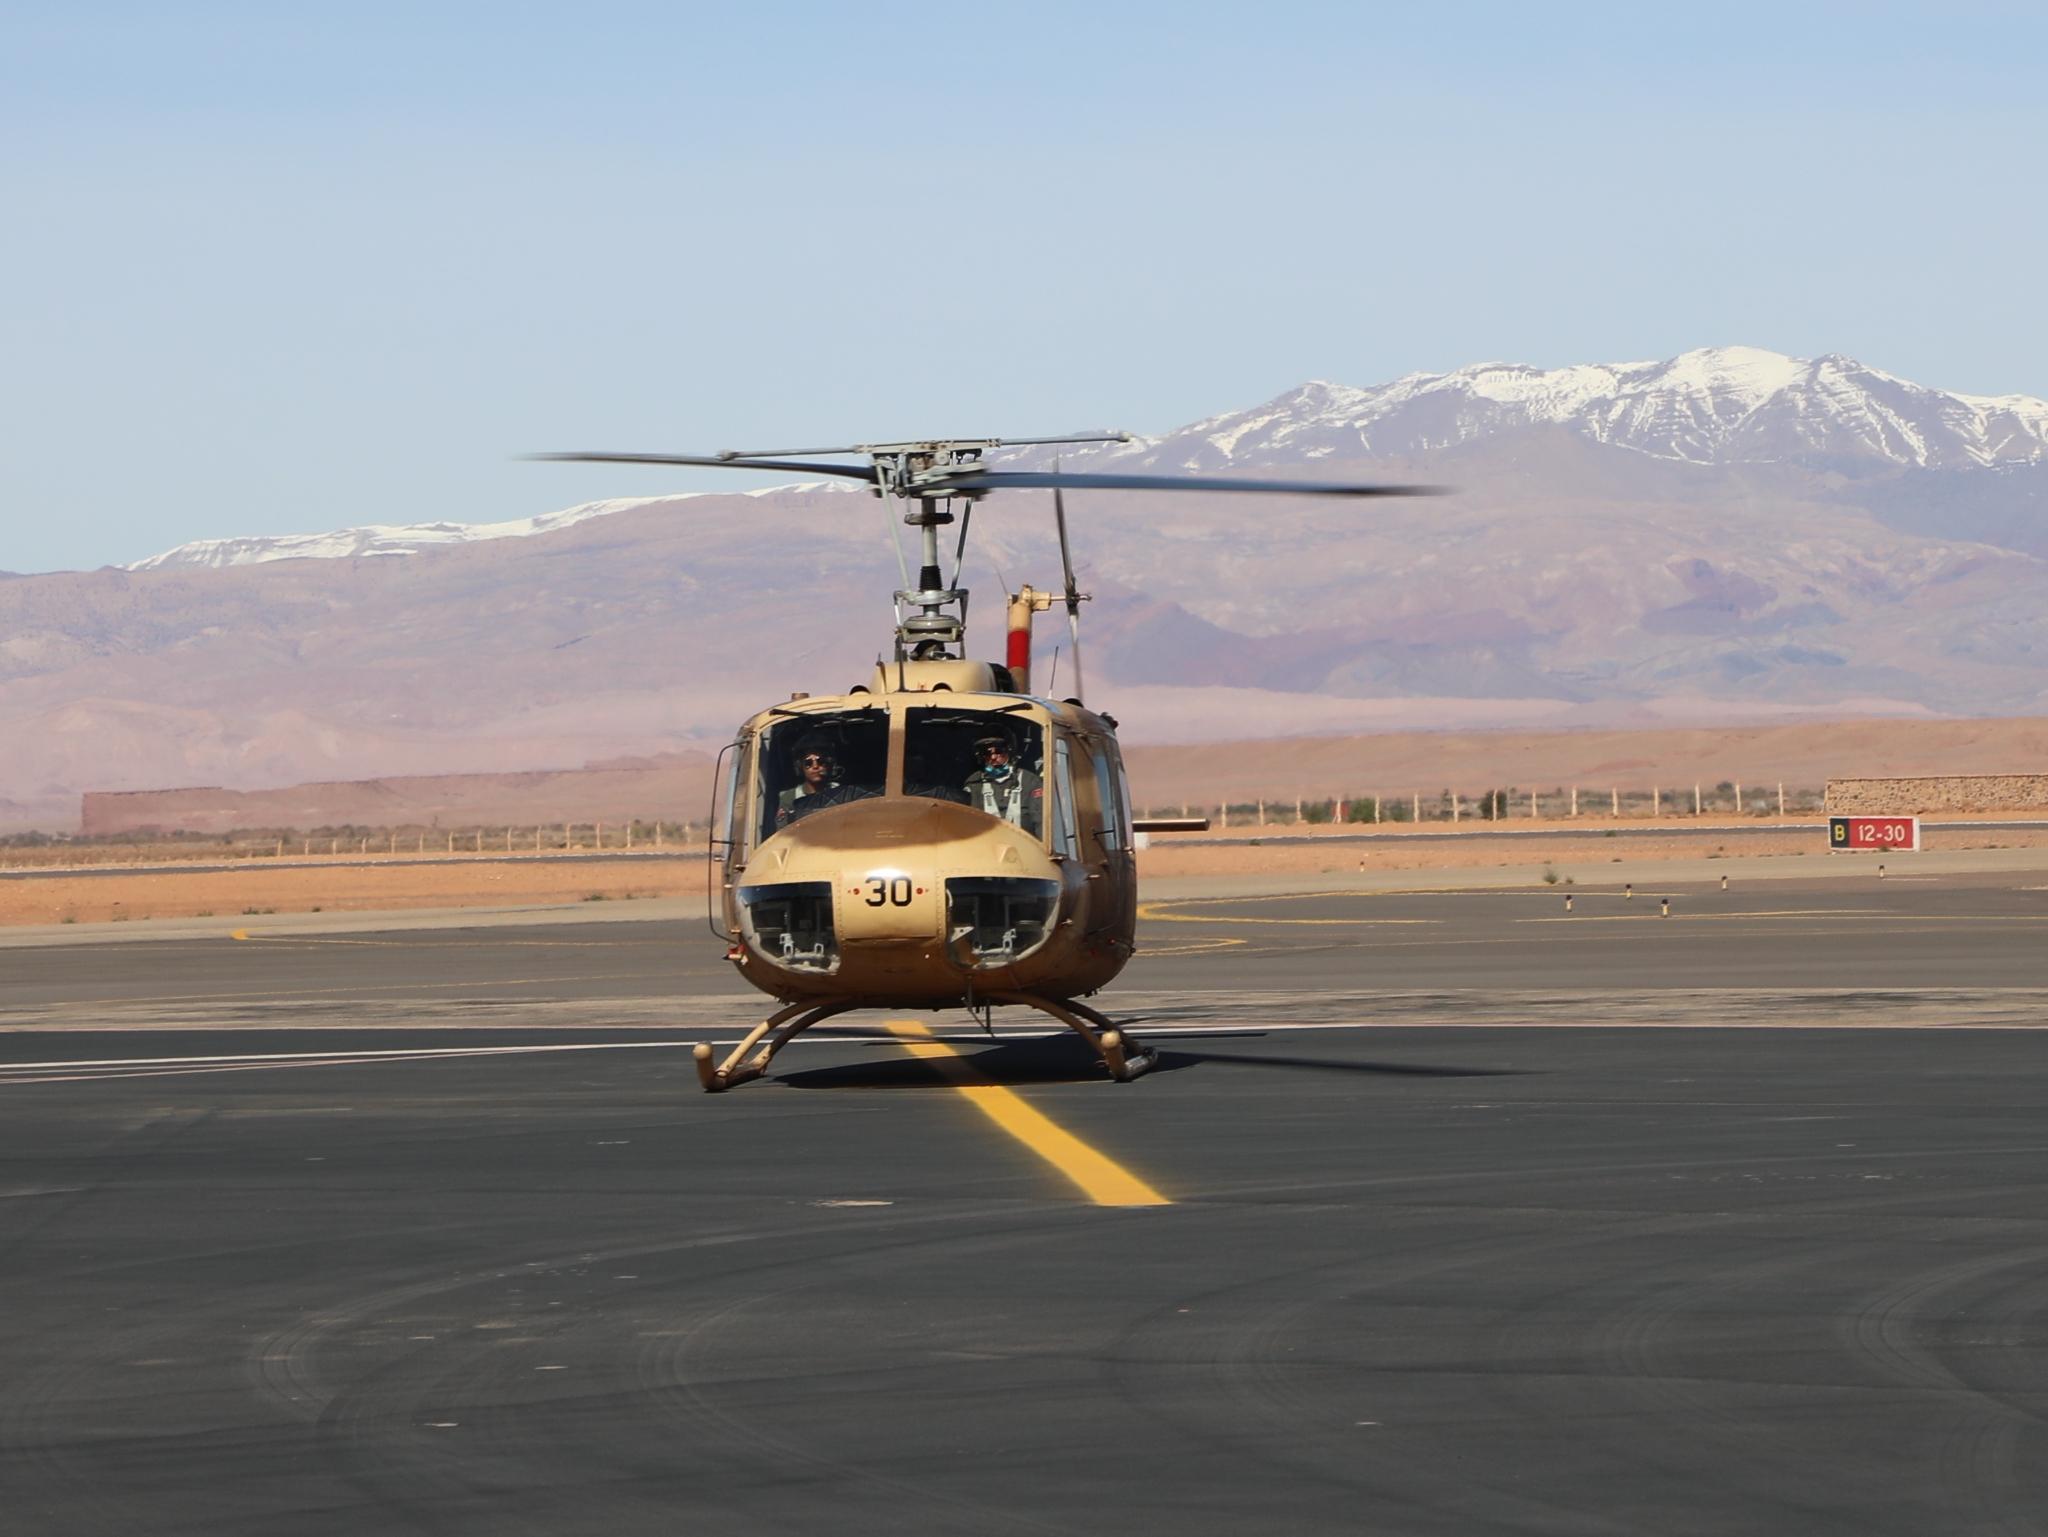 FRA: Photos d'hélicoptères - Page 17 50955132197_9aaf9df691_o_d